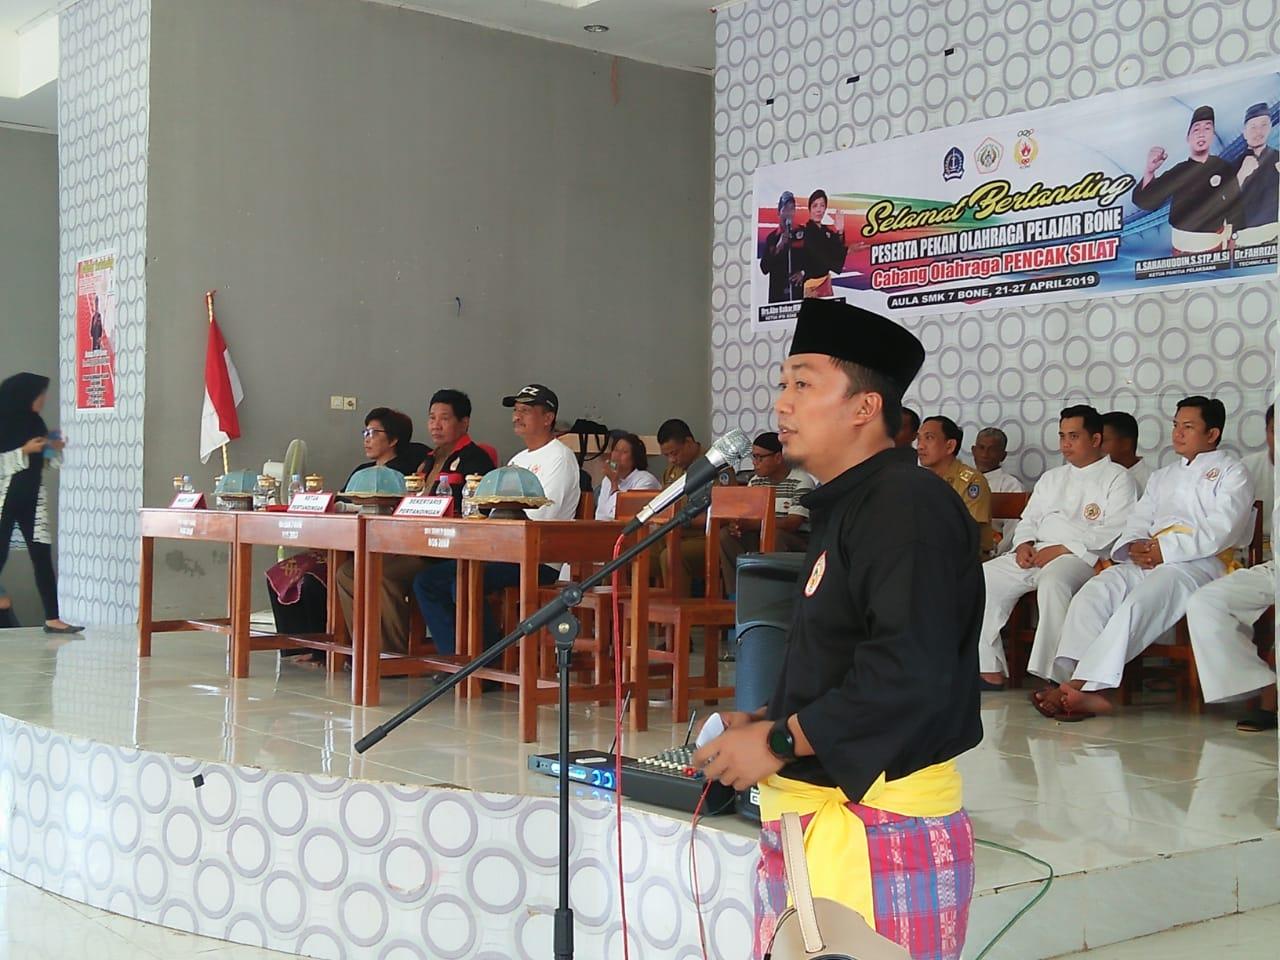 112 Pesilat Milenial Bertarung di Popda Bone, Ketua Panitia : Diharapkan Dapat Mencetak Pesilat Tangguh